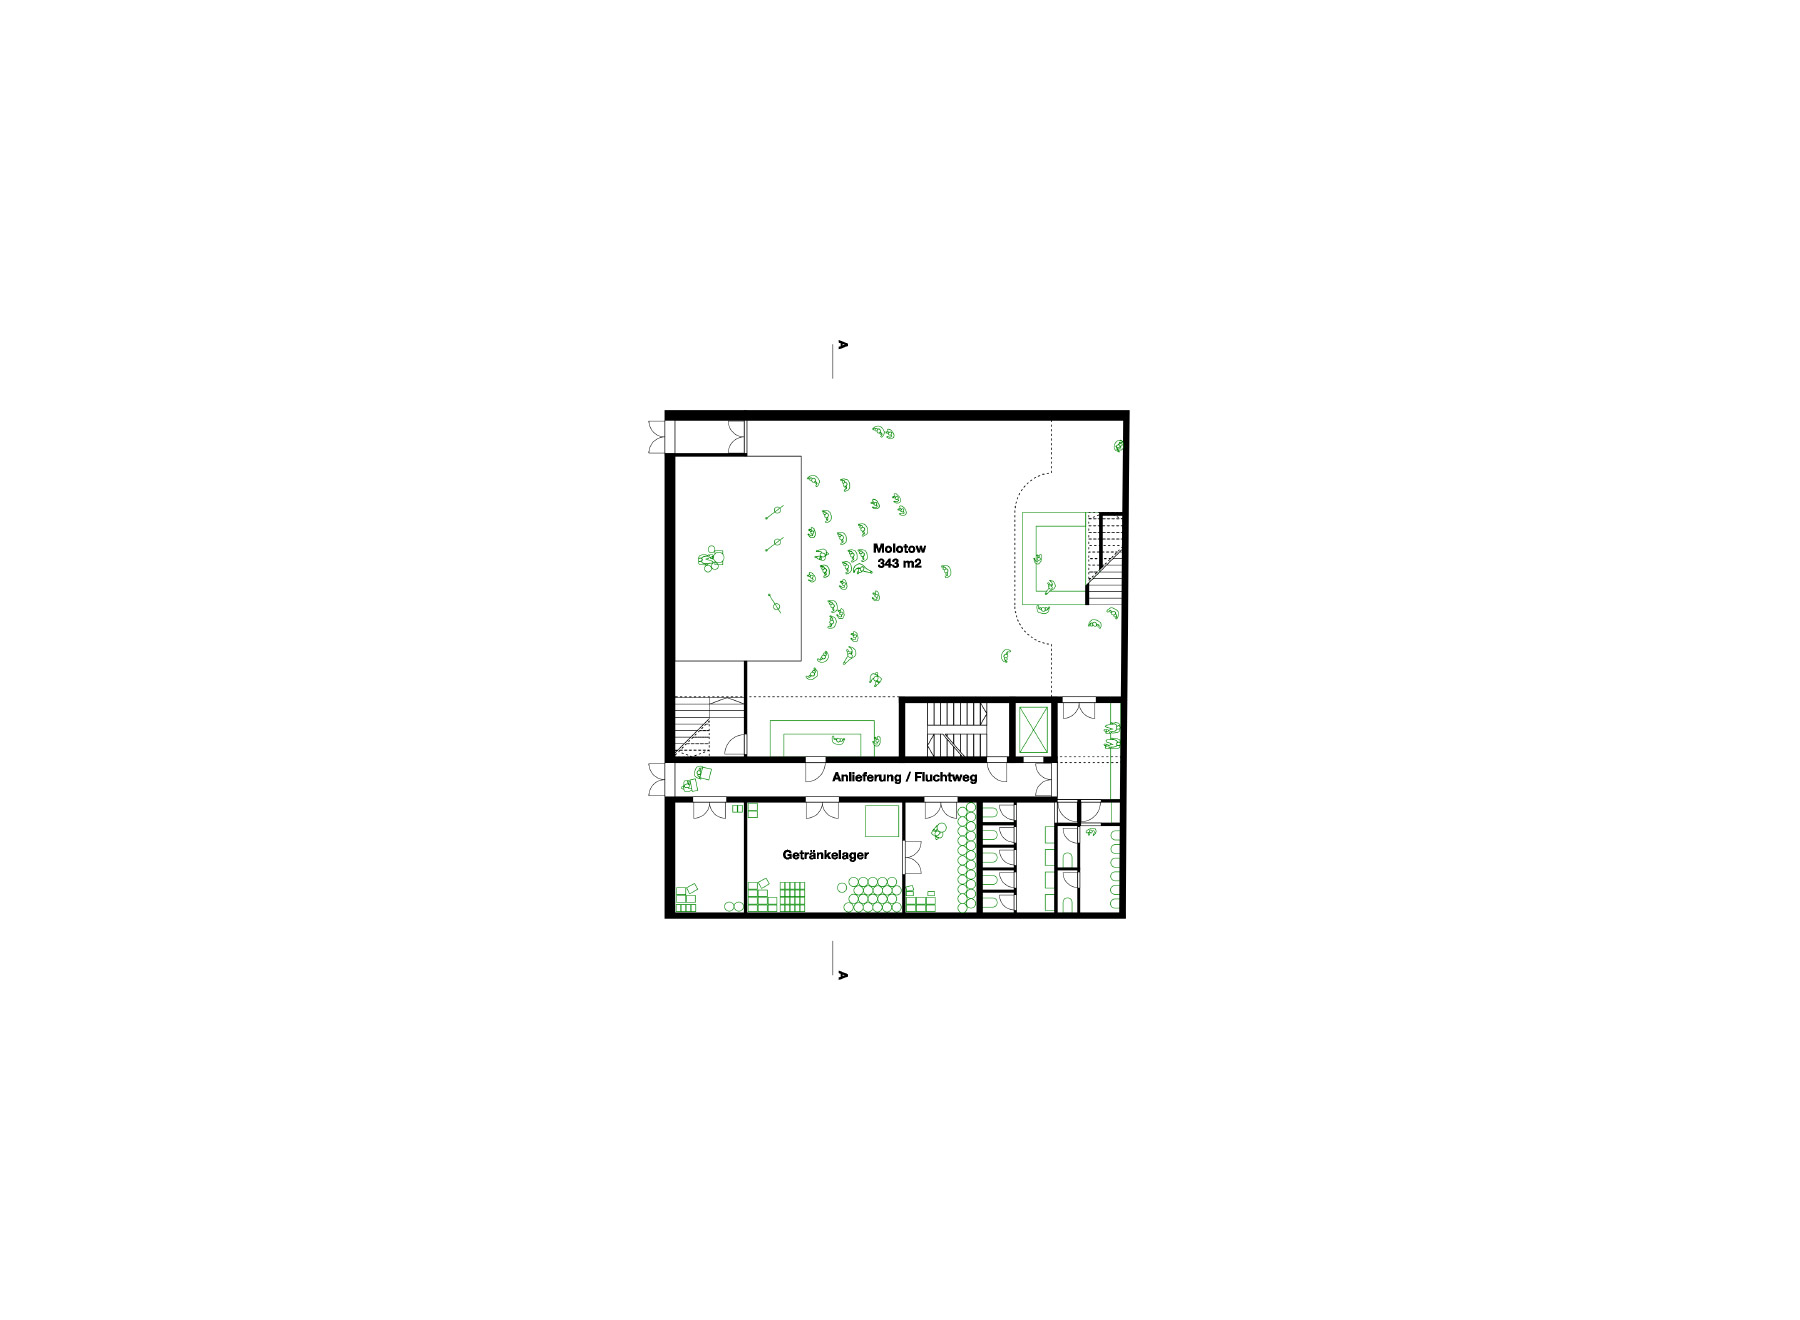 second basement floor